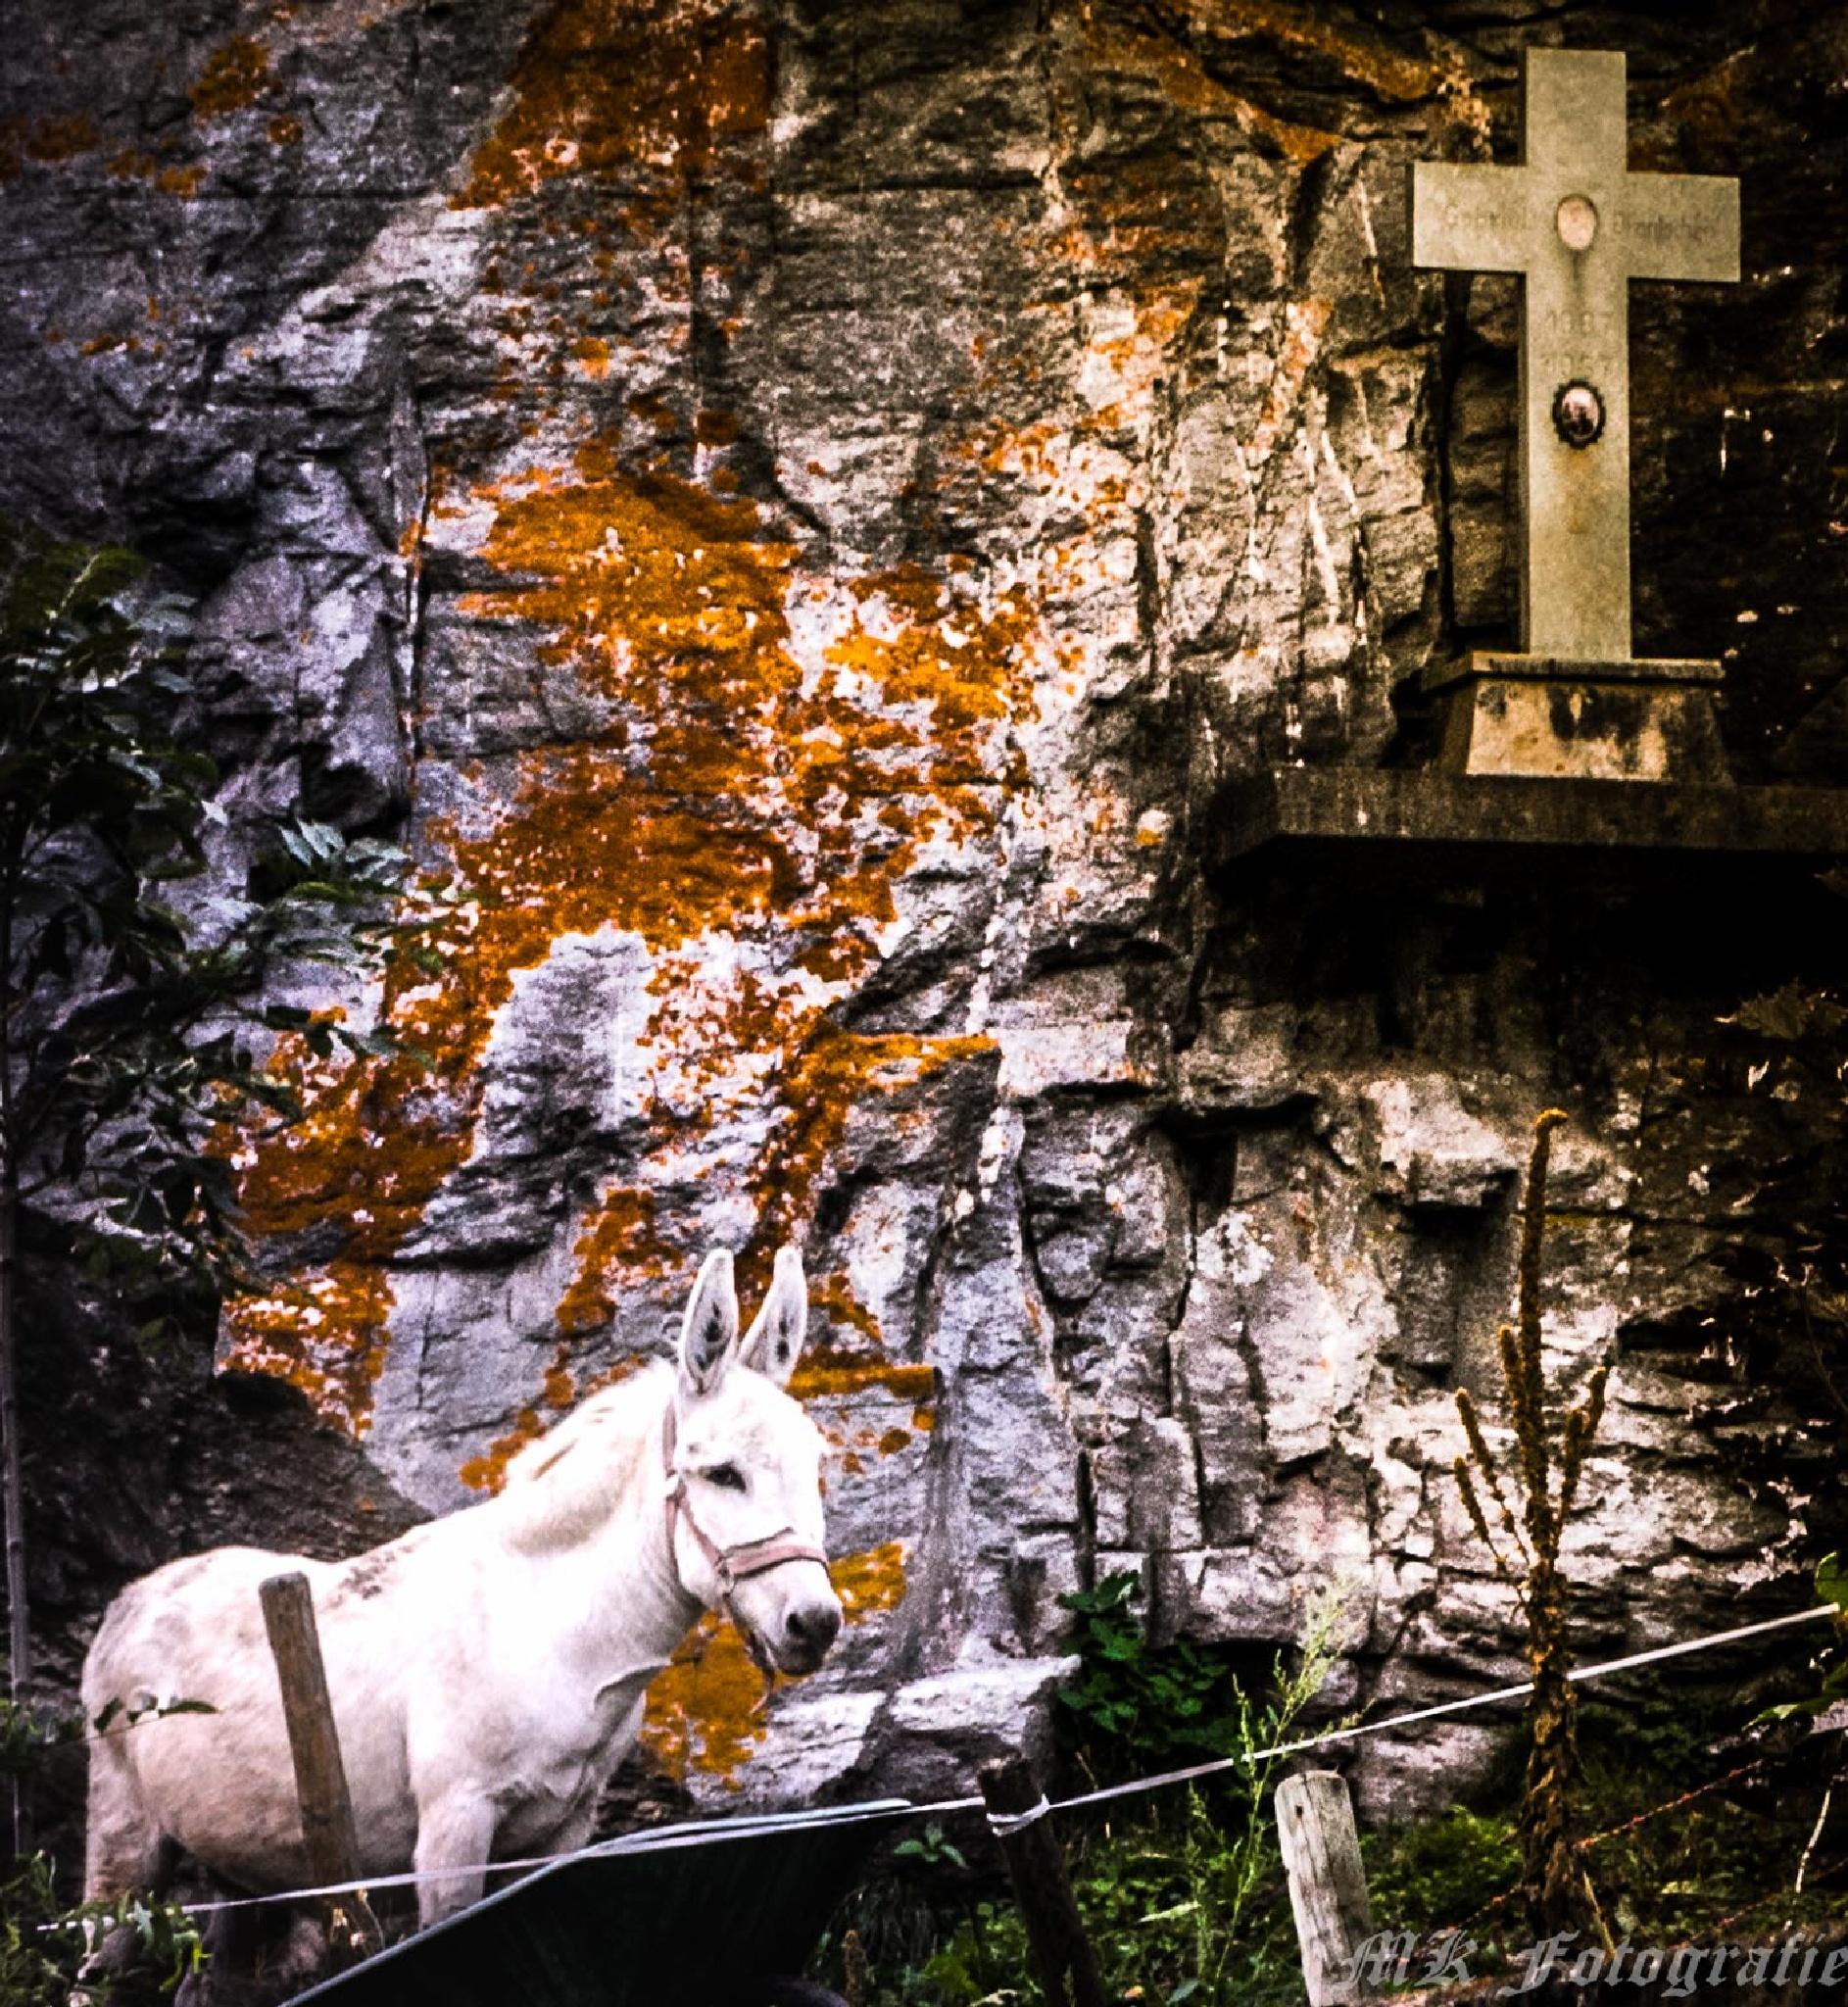 Pferd bei einem Kreuz by Kronig Fotografie